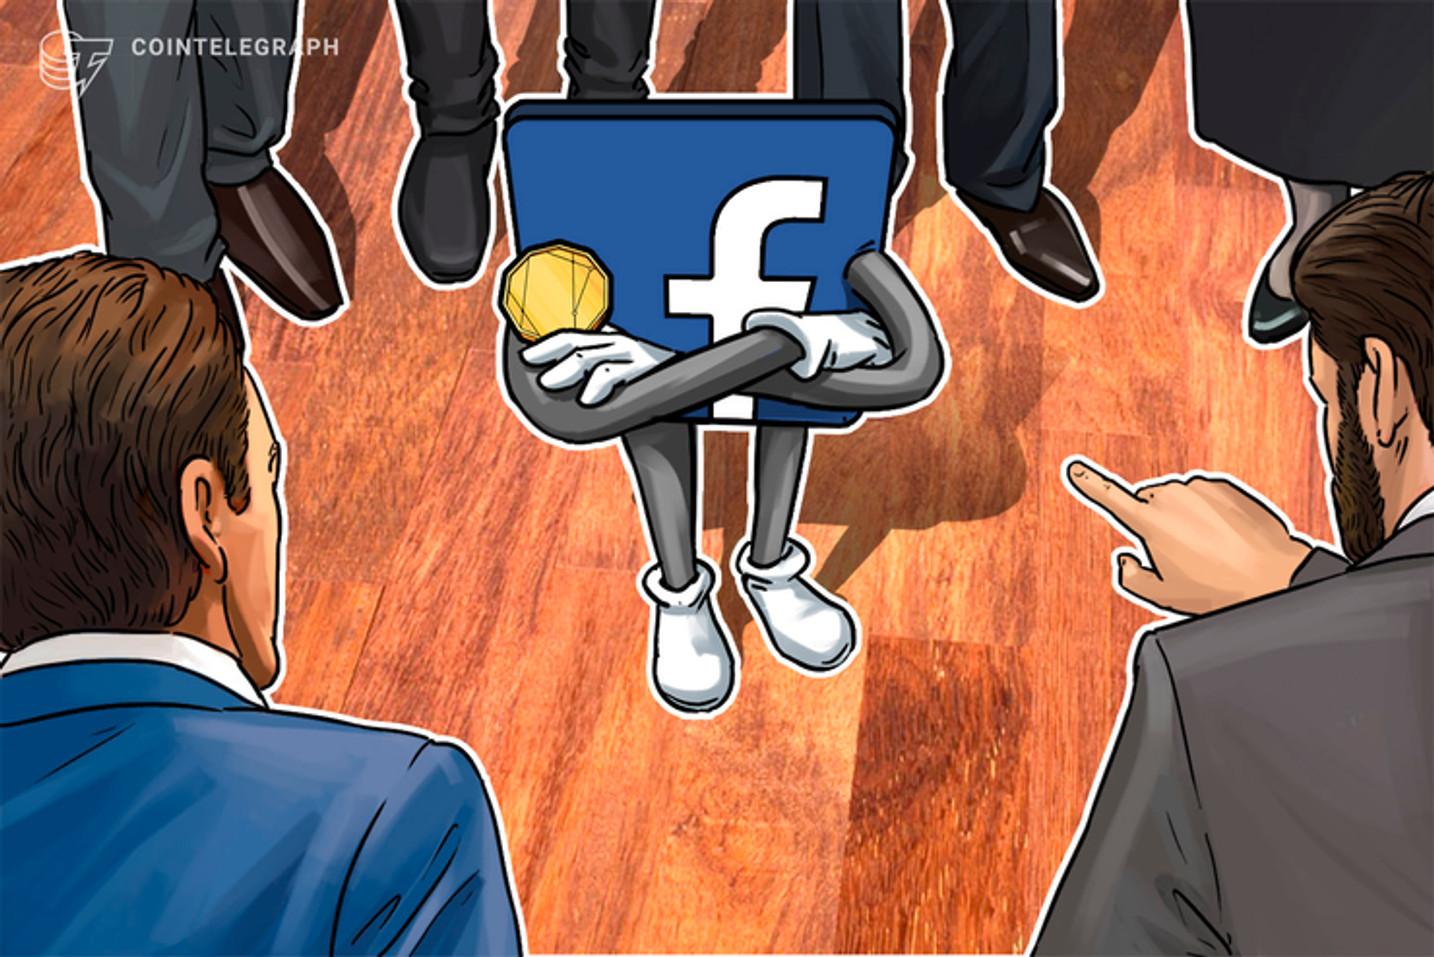 Comissão Especial convida representantes do Facebook e autoridades federais para debater lançamento do Libra nesta quarta-feira